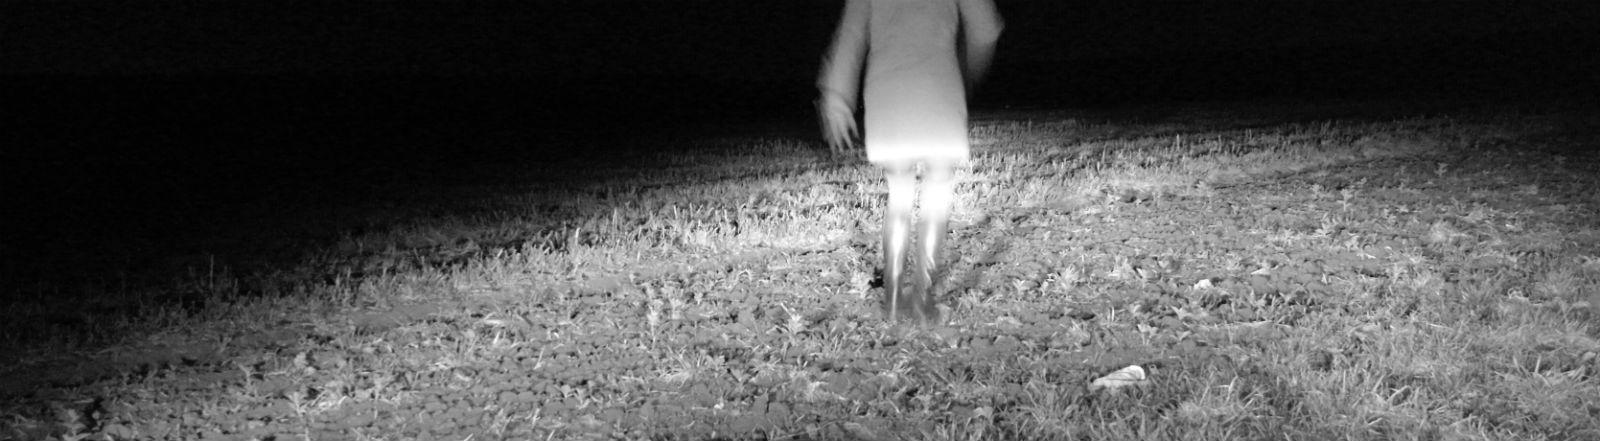 Eine Frau läuft auf einem Feld weg vom Betrachter.